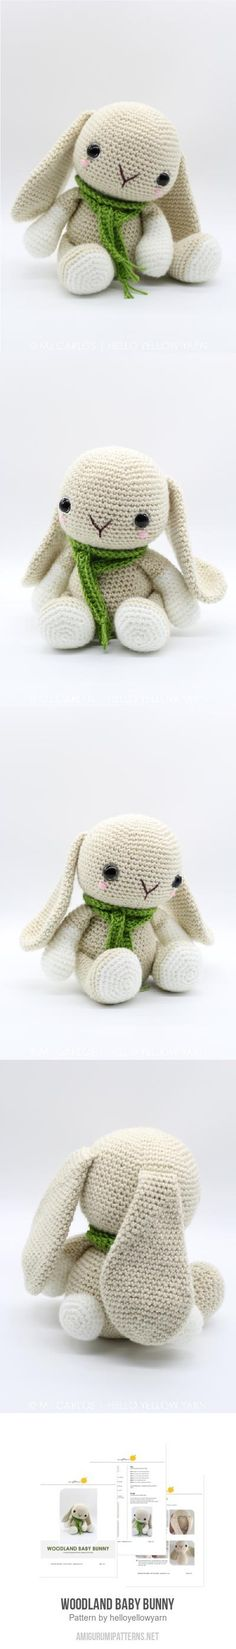 Woodland Baby Bunny Amigurumi Pattern